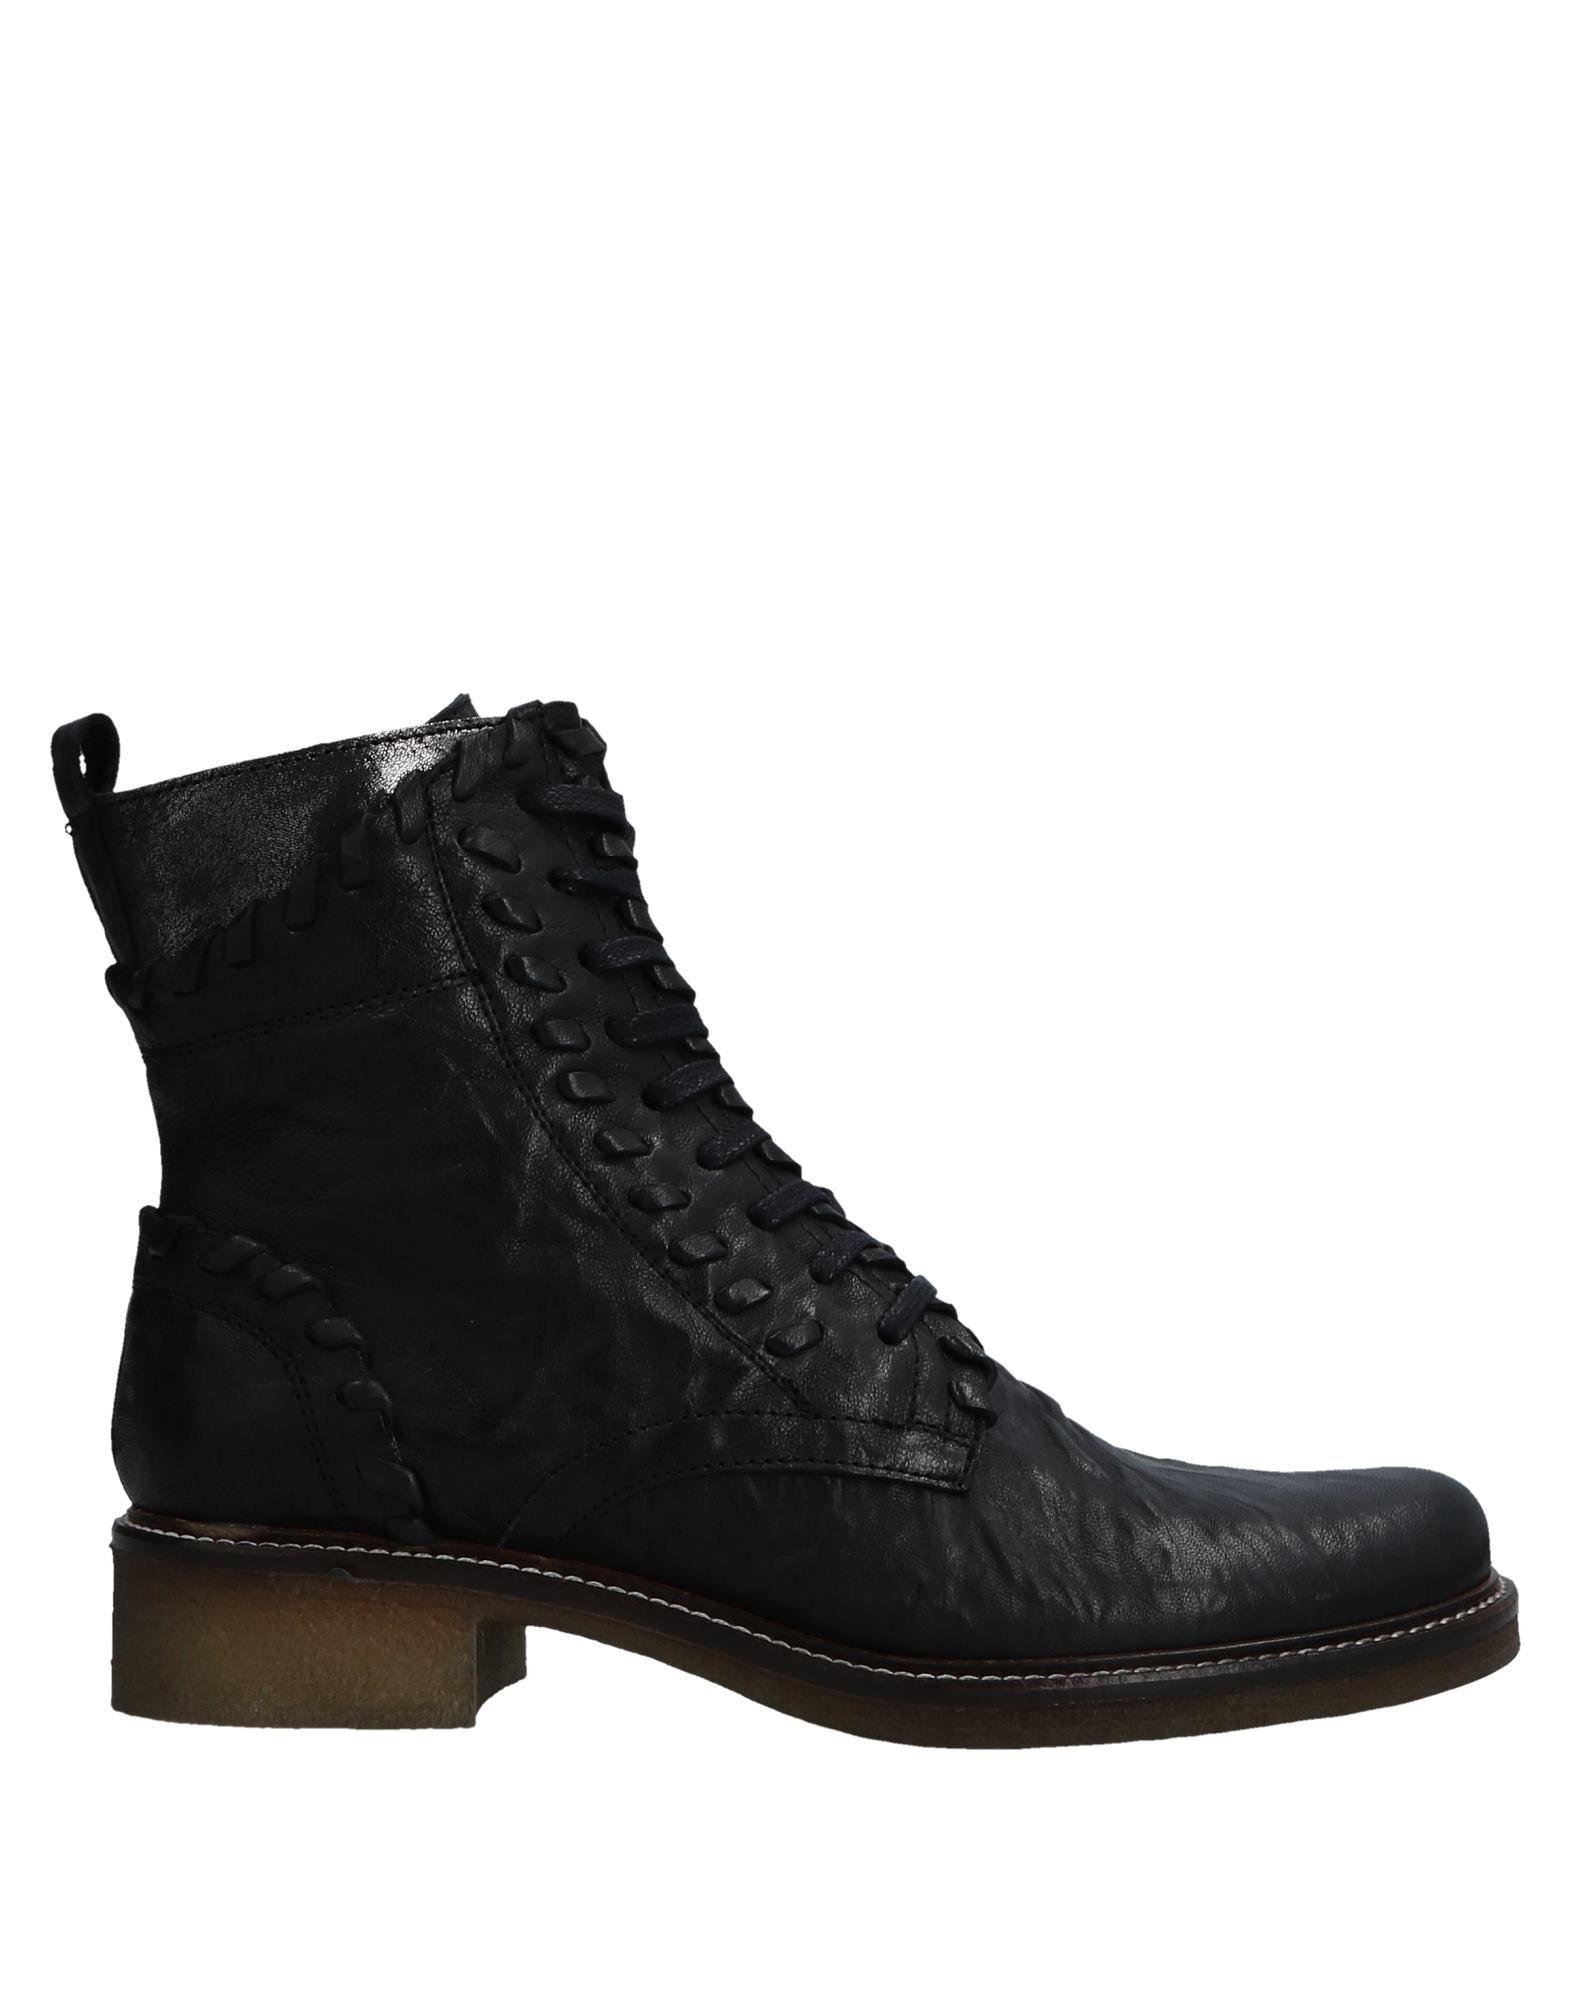 Donna Più Stiefelette Damen  11529714NK Gute Qualität beliebte Schuhe